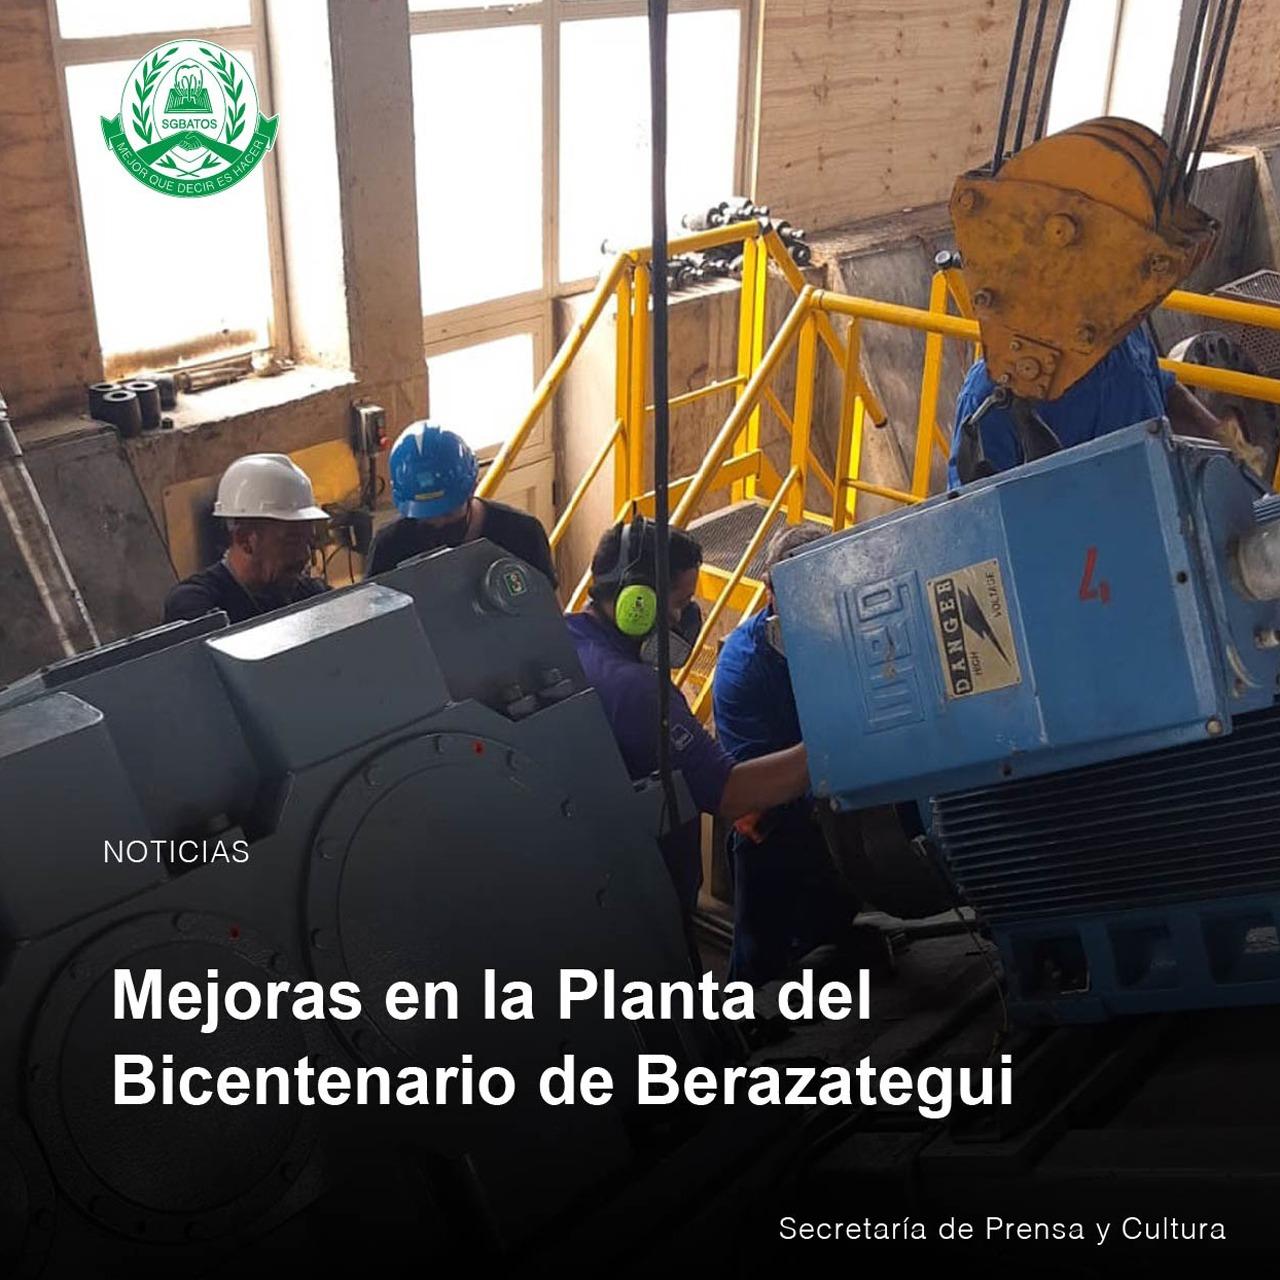 Mejoras en la Planta Del Bicentenario de Berazategui